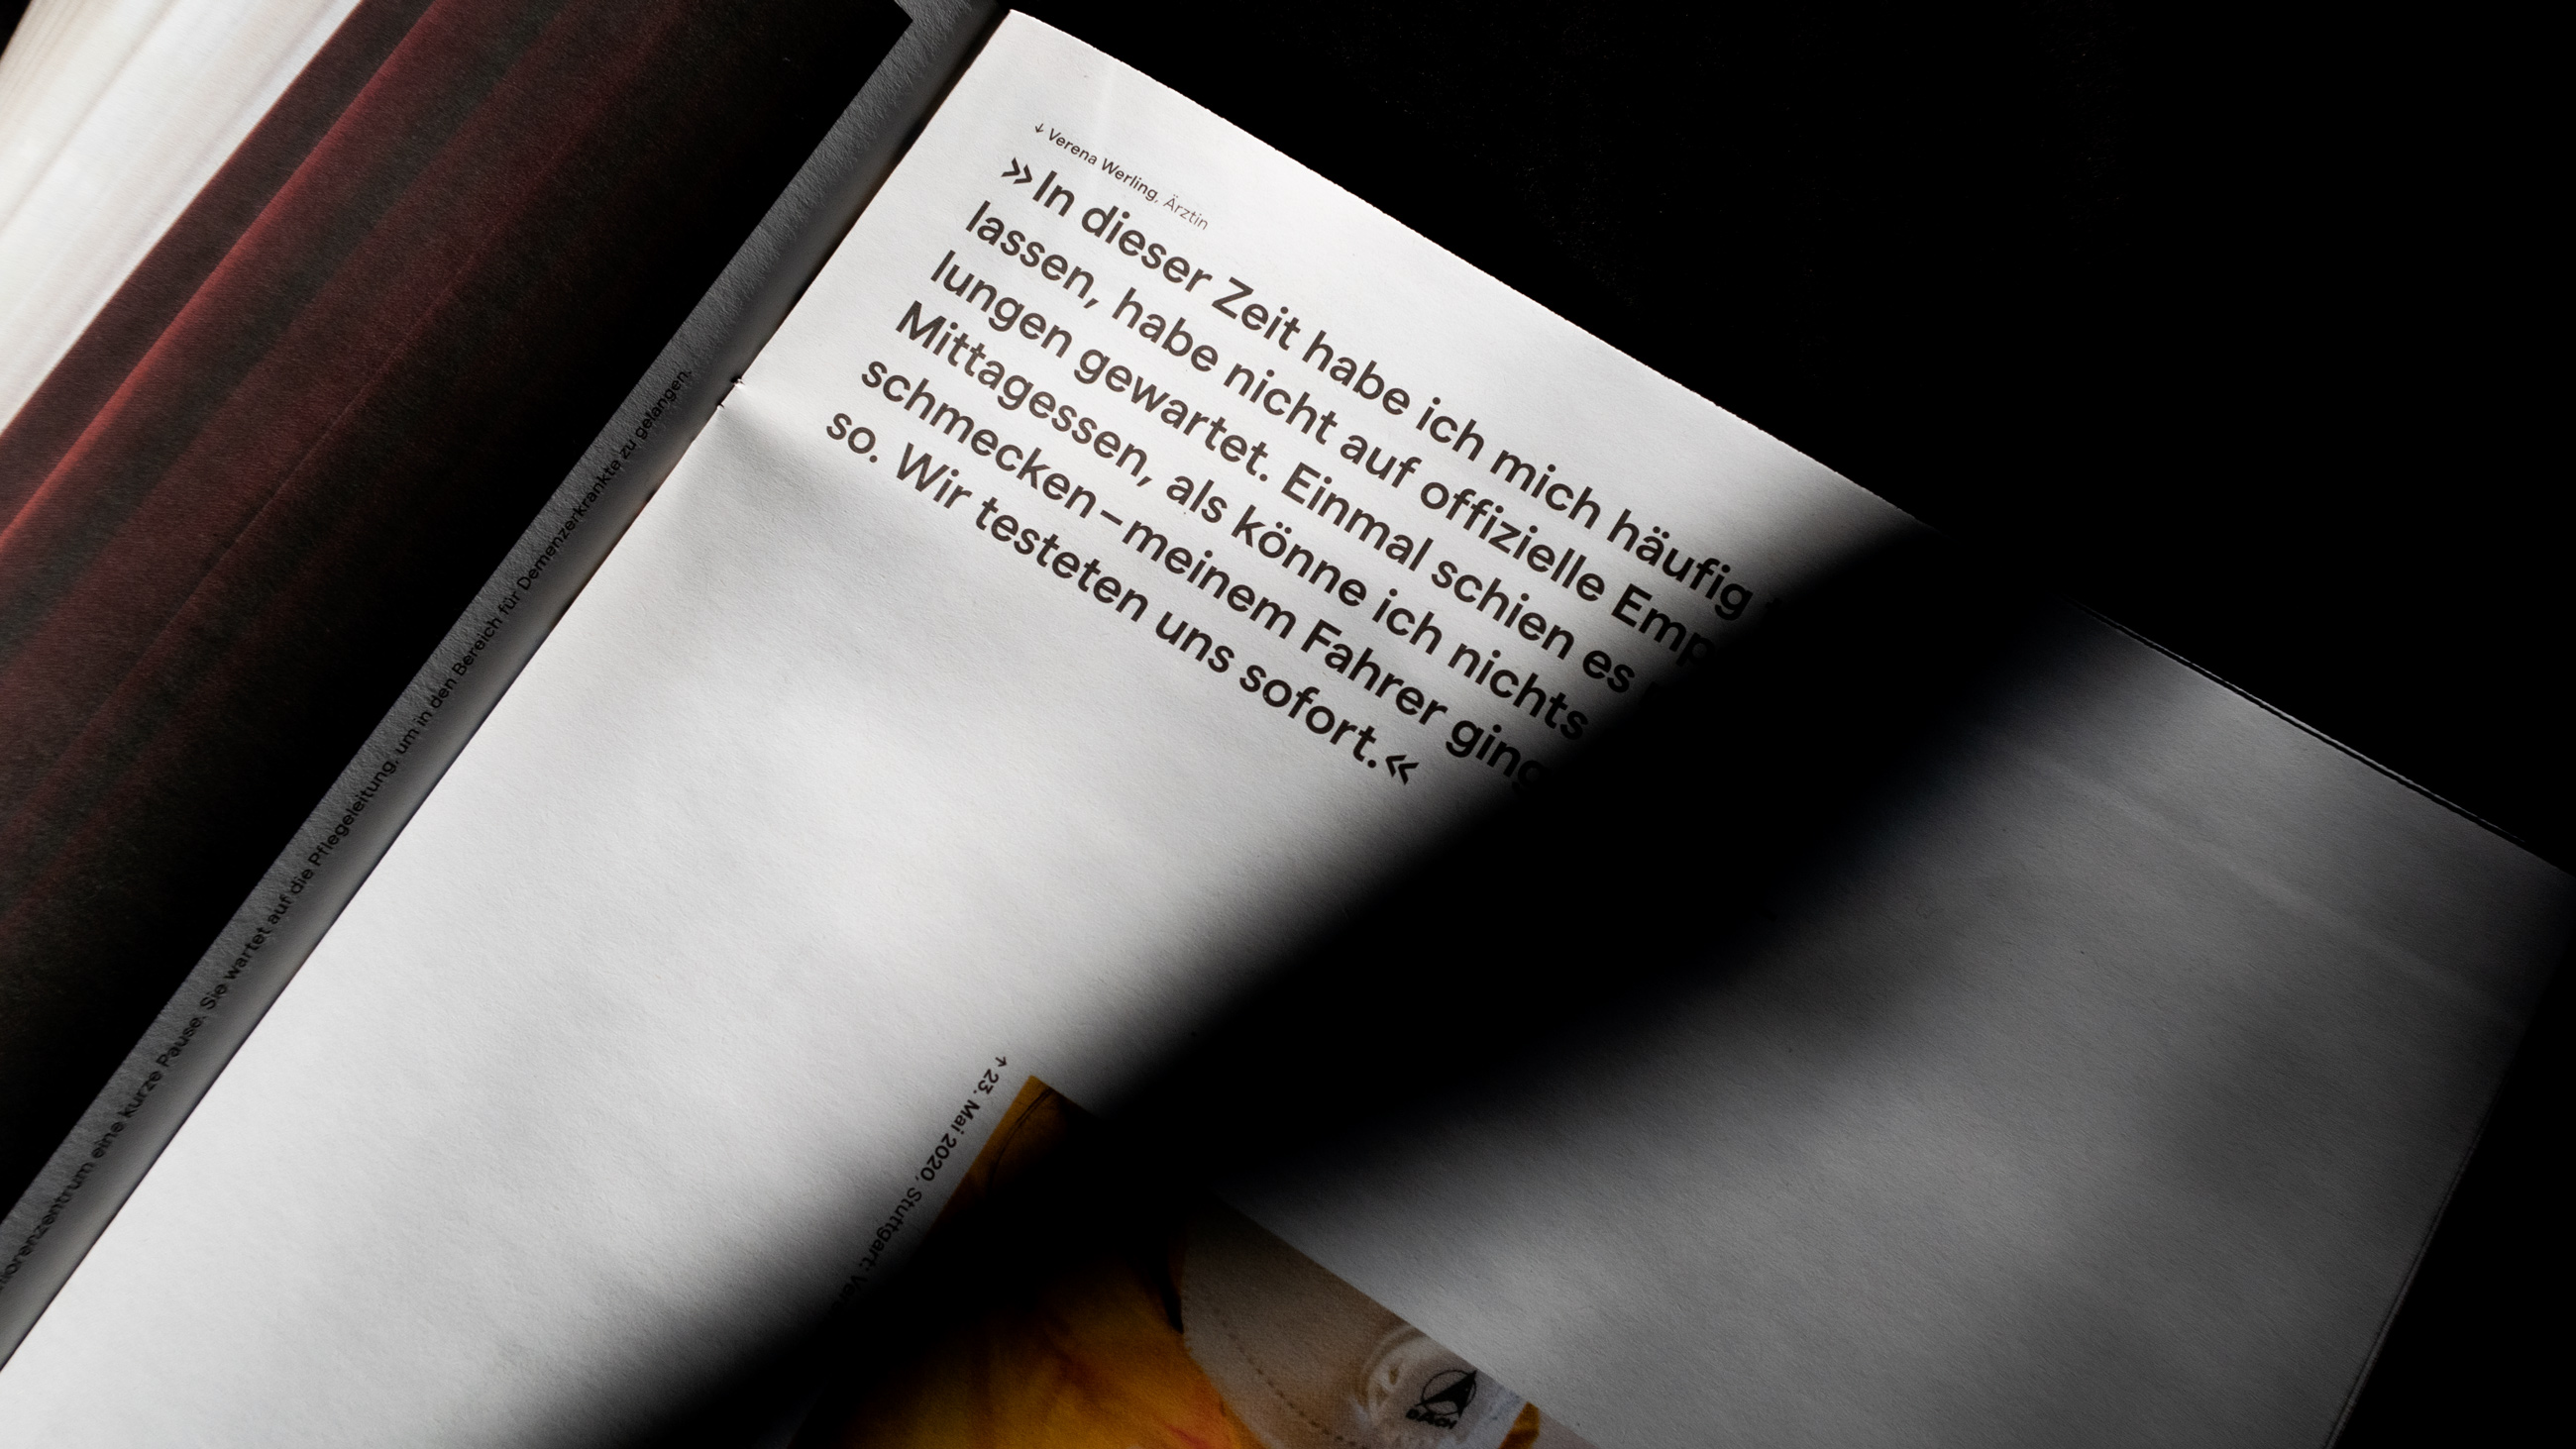 gedrucktes exemplar der Zeitung von Patrick junker